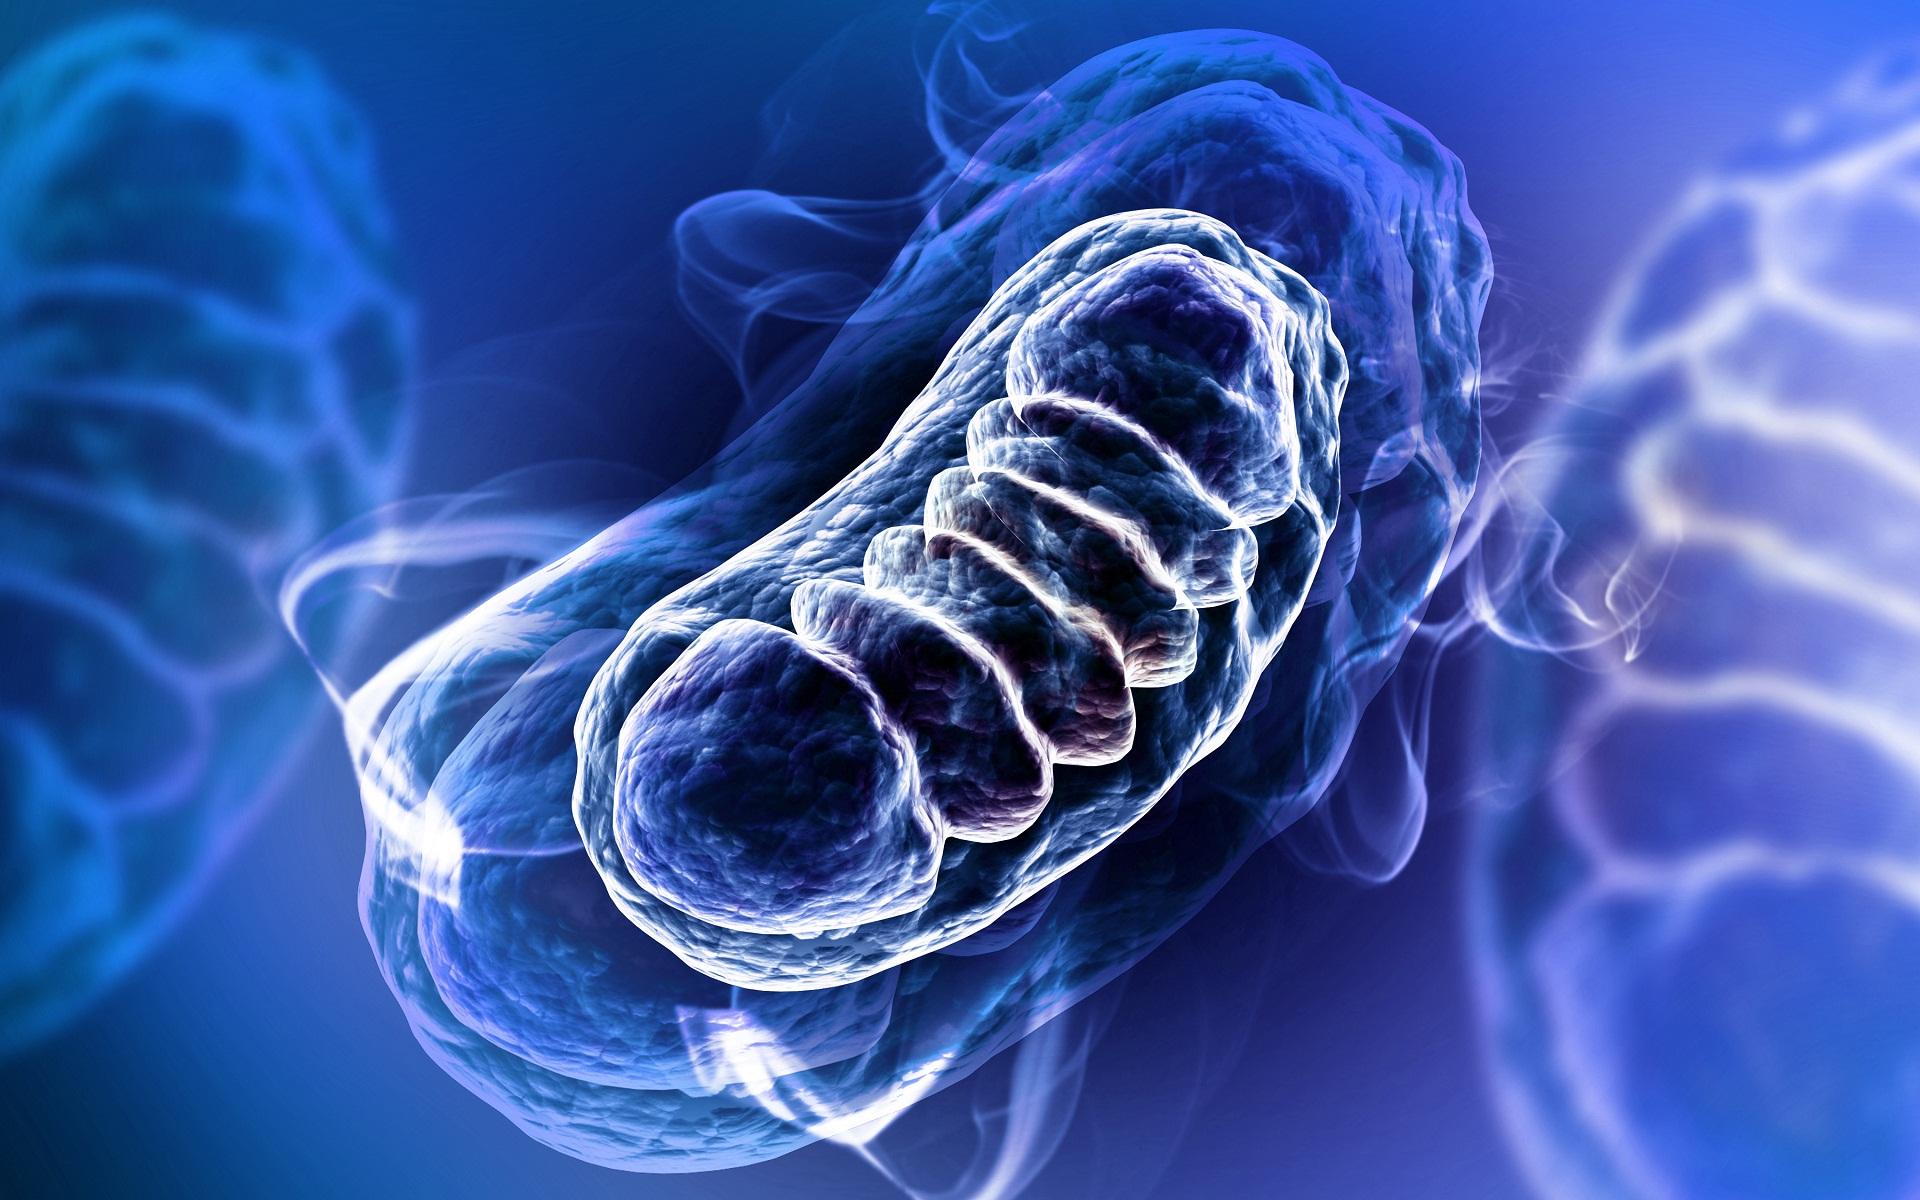 Mutação do DNA mitocondrial doença mitocondrial mDNA alteração no movimento diabetes insuficiência renal involução neuropsicomotora convulsão epilepsia